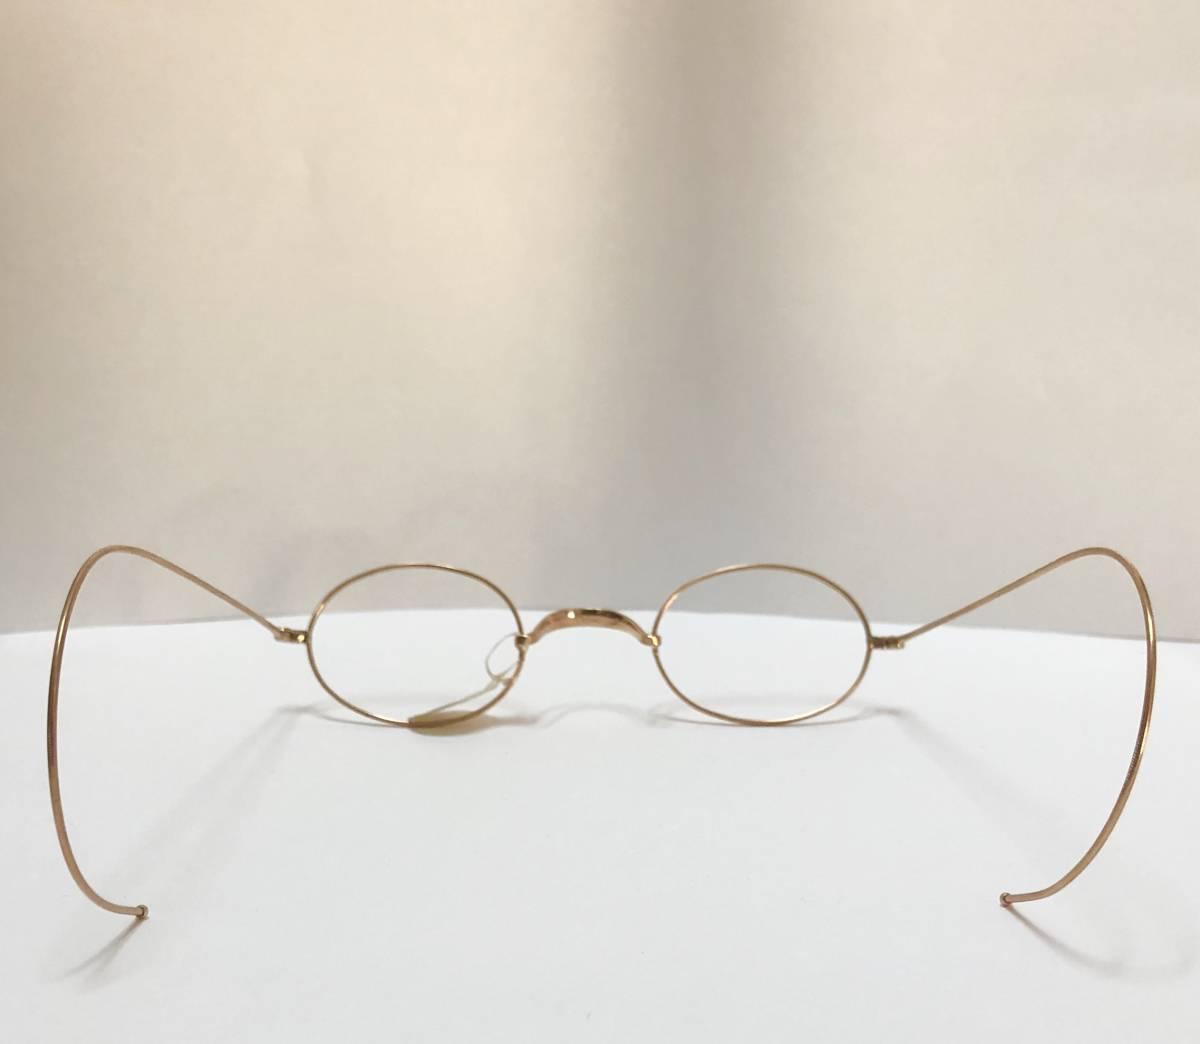 新品・AO10K金張 純正メガネ 1870~1910年代頃 American Optical アメリカンオプティカル 米国ブランド ビンテージ / ヴィンテージ_画像7